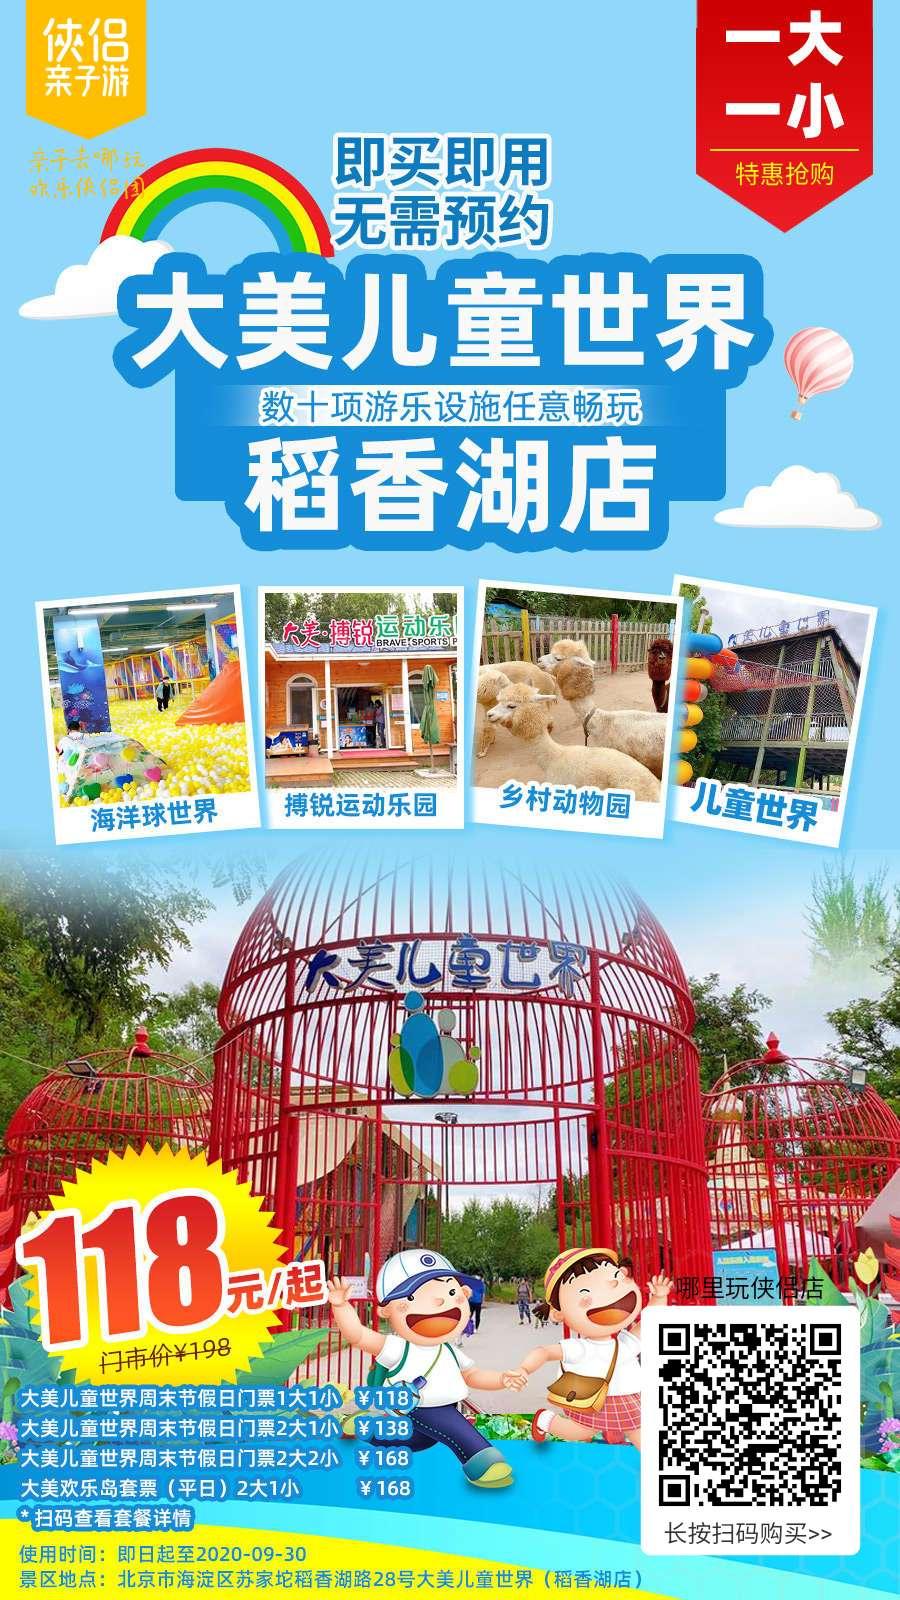 【北京】118元起1大1小!风靡海淀区的大美儿童世界(稻香湖店)来啦:数十项游乐设施任意畅玩